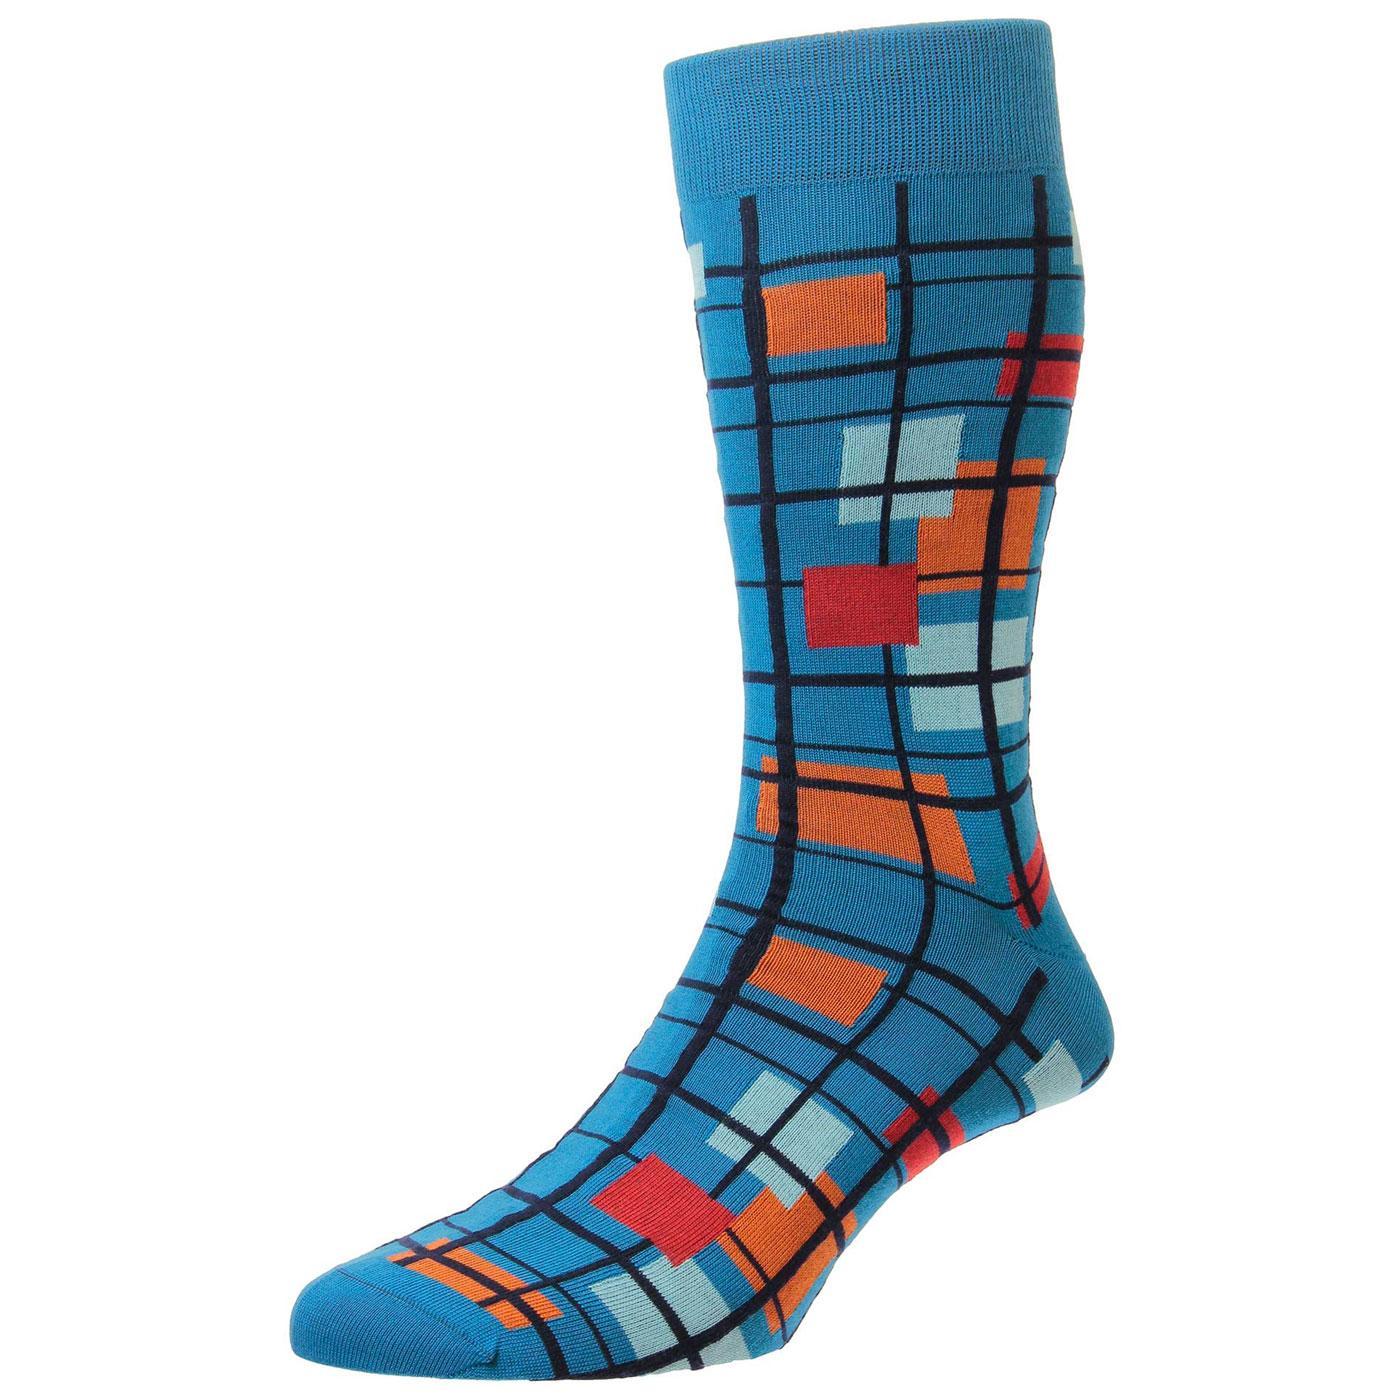 + Wright PANTHERELLA Mod Mondrian Check Socks (PB)